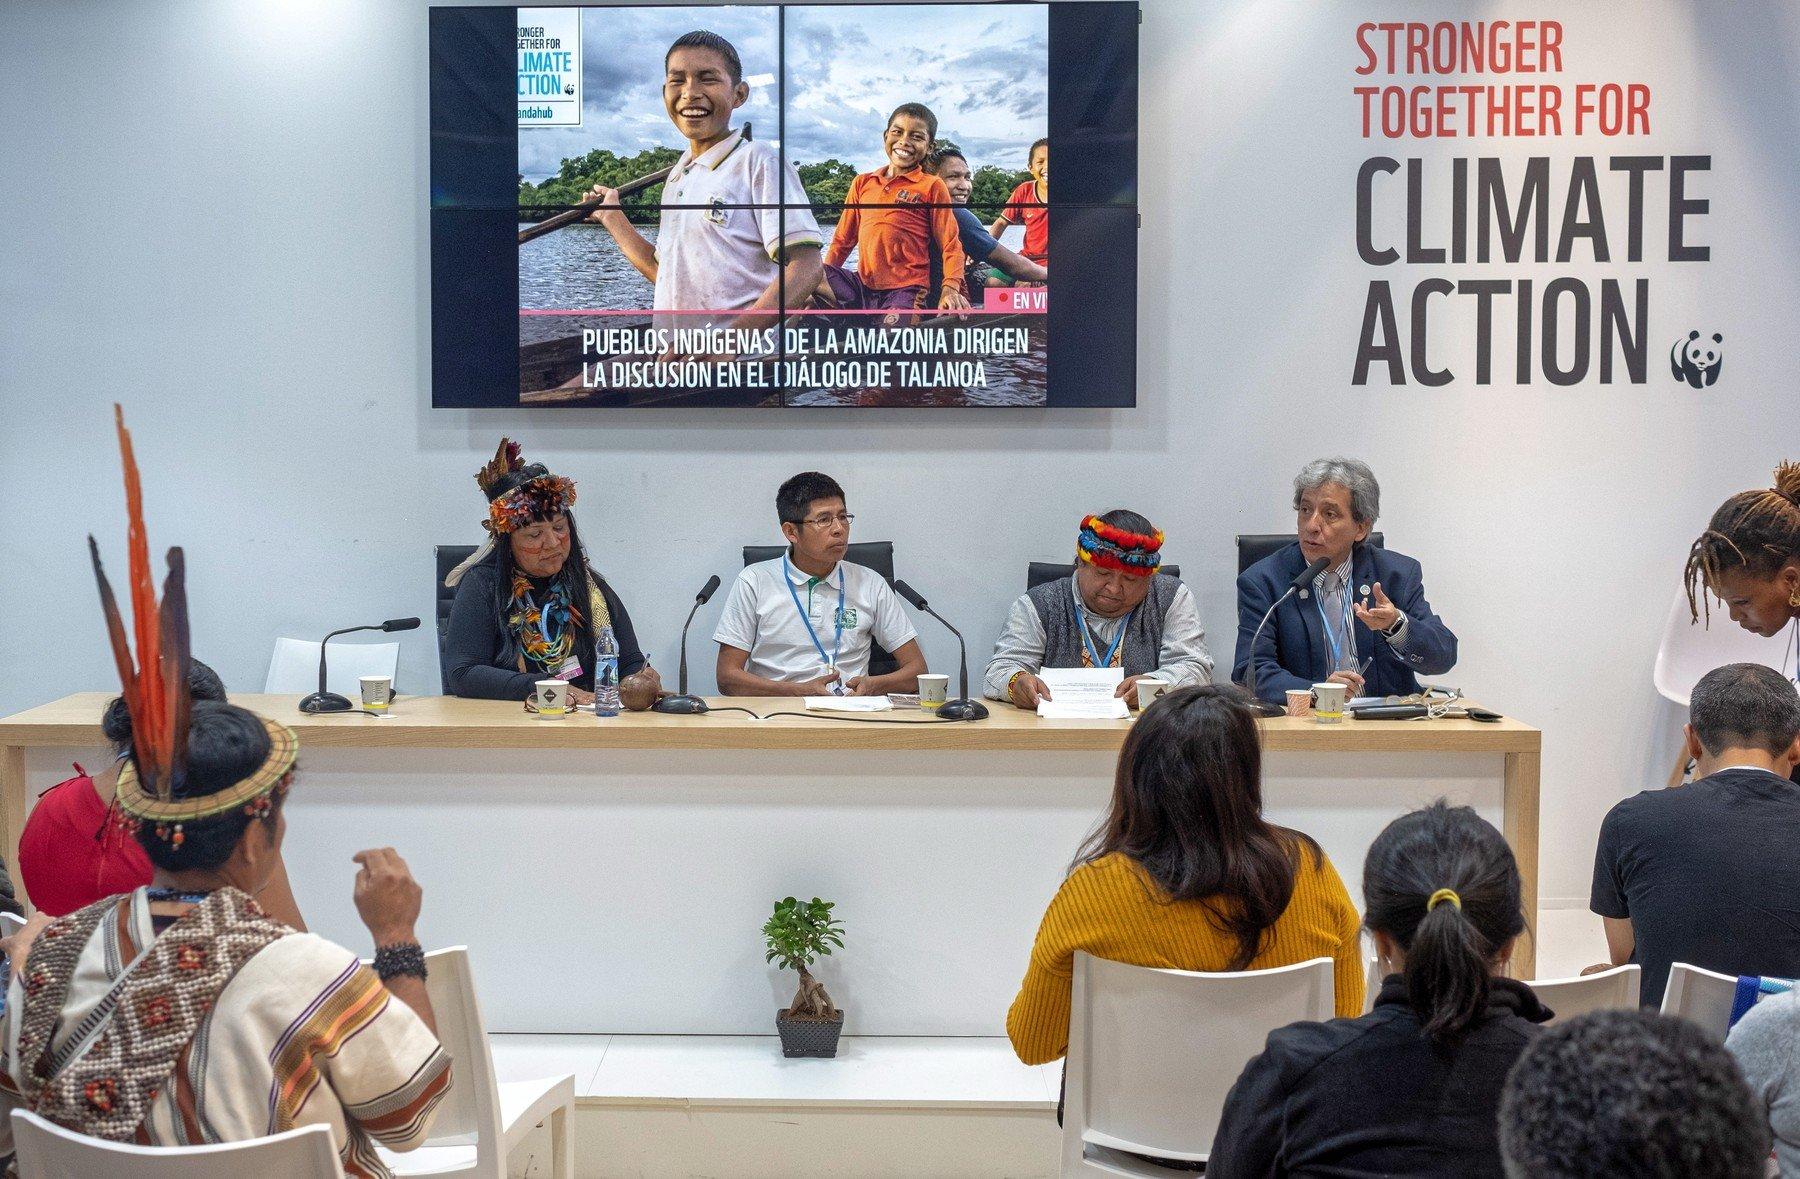 24. konference OSN o změnách klimatu v polských Katovicích